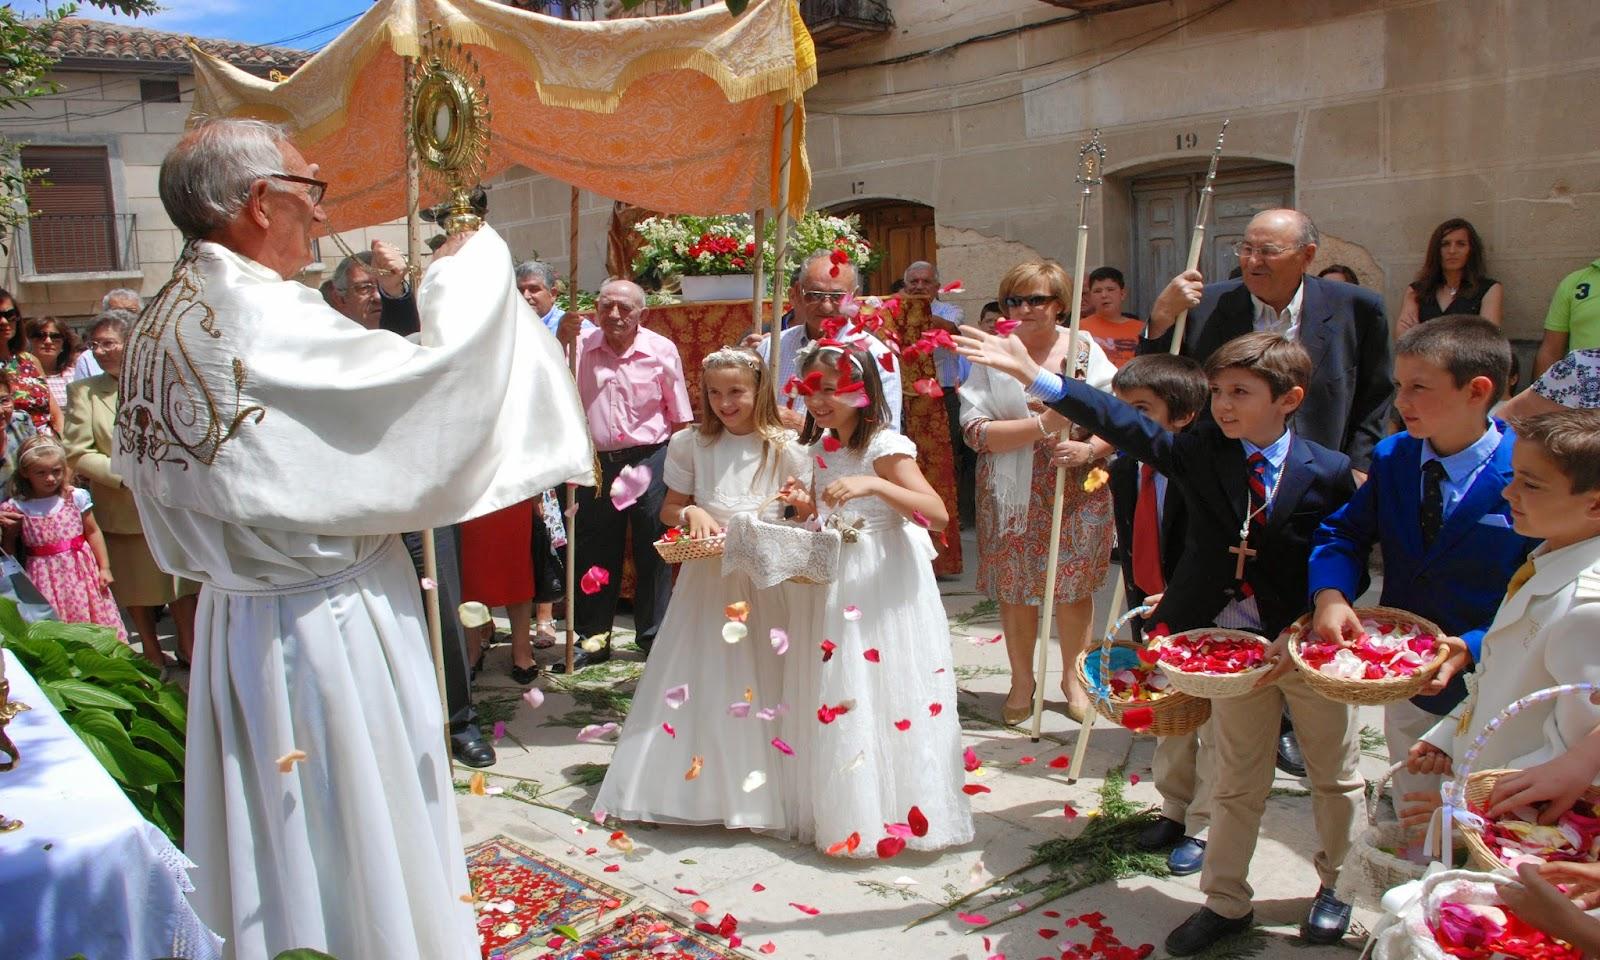 http://sotiblog.blogspot.com.es/2014/06/la-procesion-del-corpus-en-imagenes.html